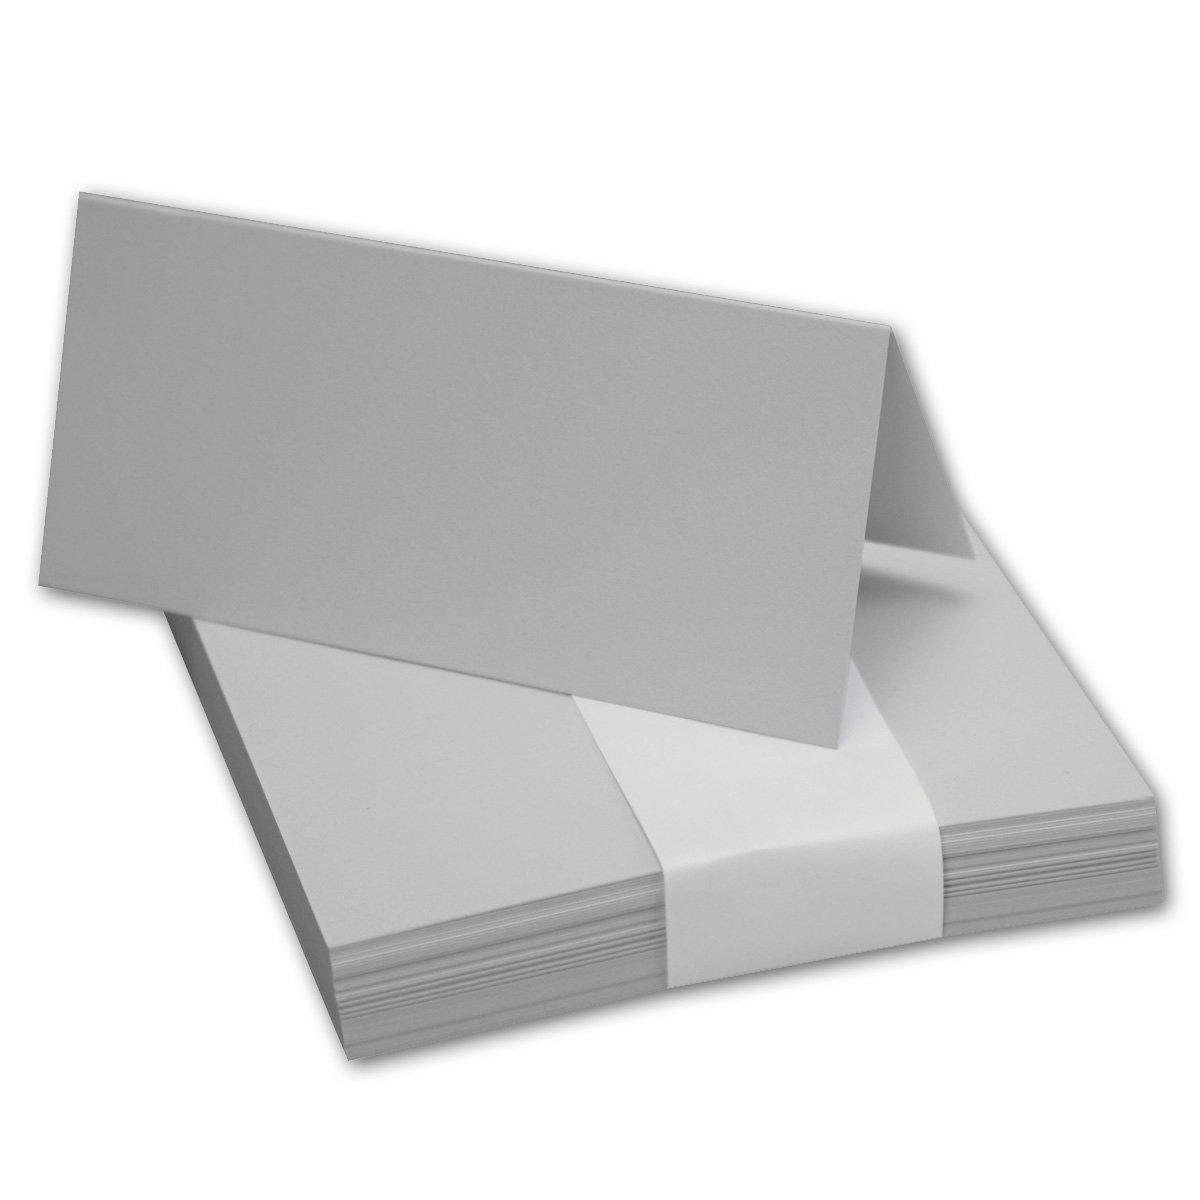 200x Tischkarten Tischkarten Tischkarten in Hochweiß I Größe  100 x 90 mm (Gefaltet 100 x 45 mm) I 240 g m² - Sehr Schwere und Stabile Qualität I aus der Serie FarbenFroh von NEUSER  B07FSFZRQ7 Kartenkartons Liste der Explosionen 782e68